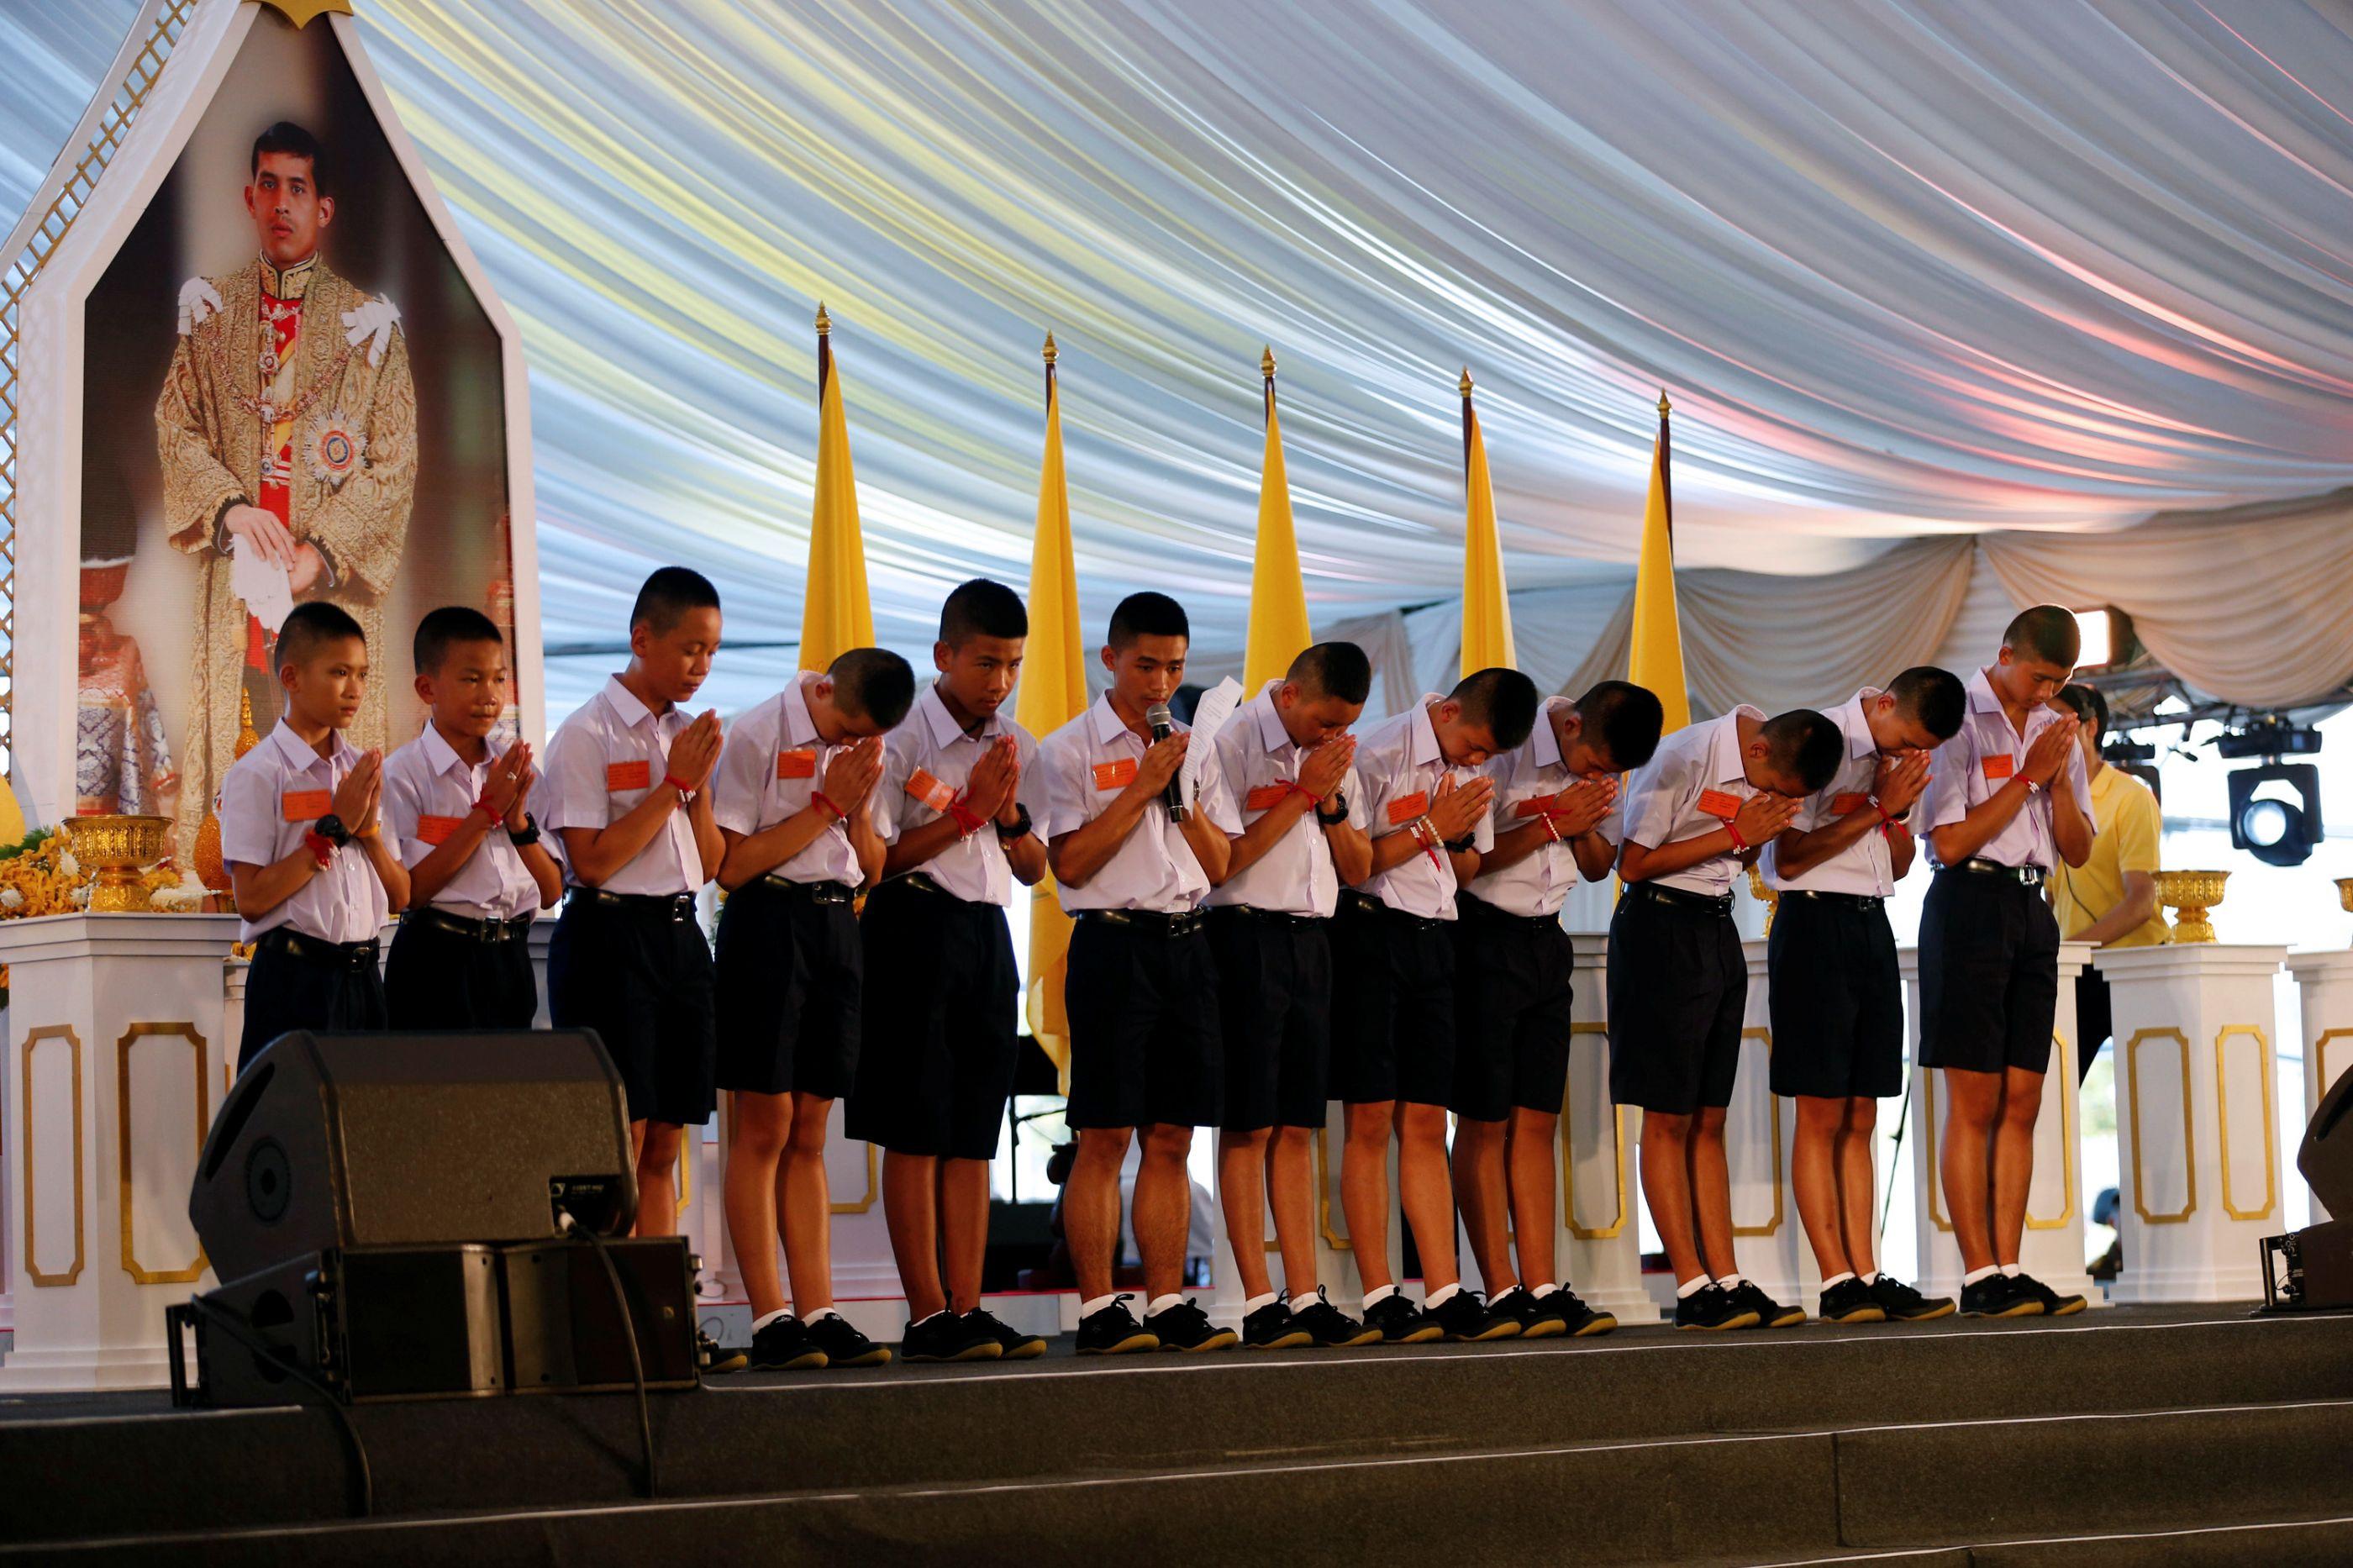 Crianças tailandesas presas em gruta inspiraram livro de Teolinda Gersão